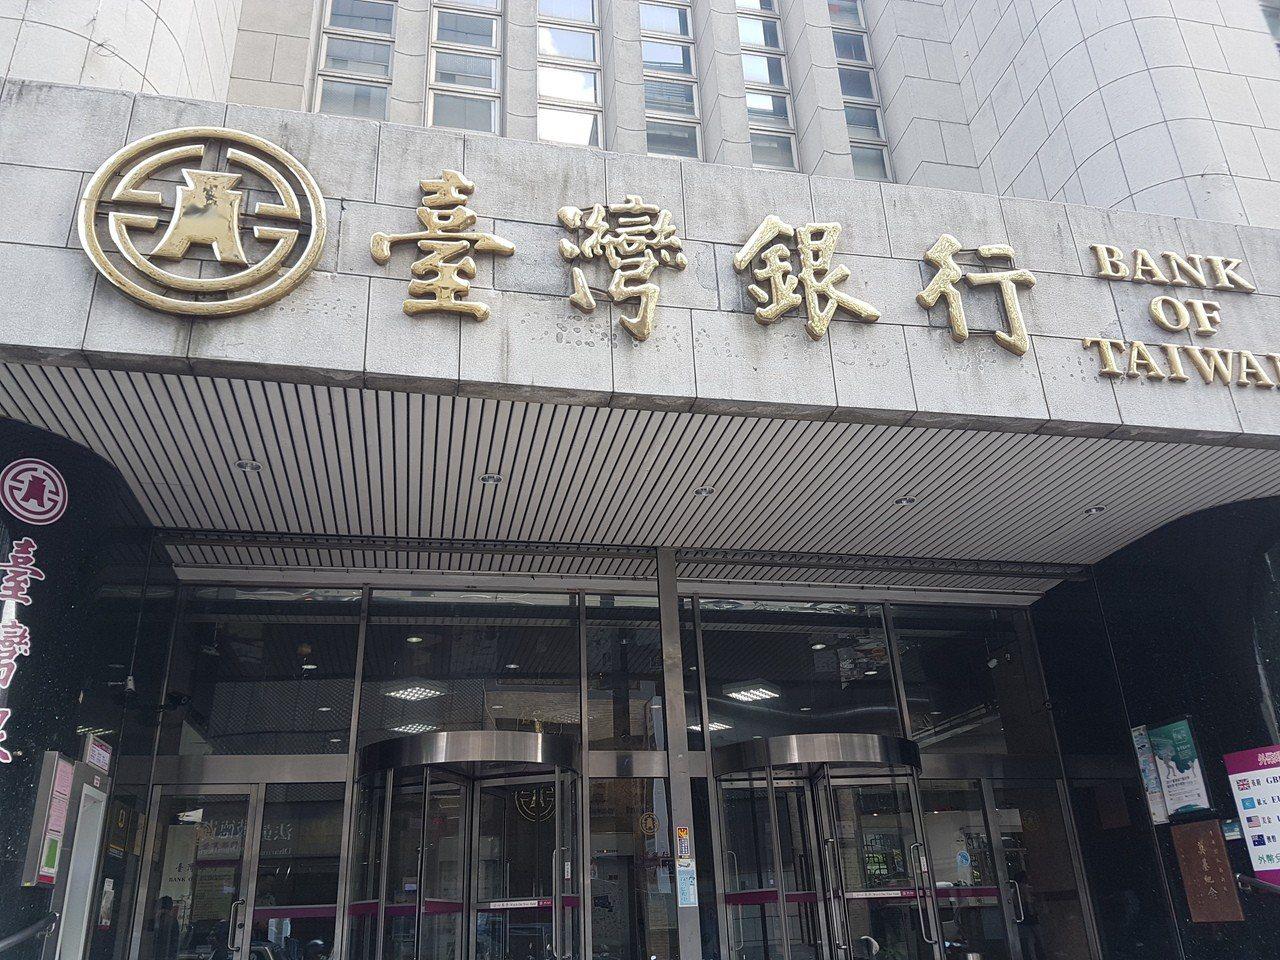 台灣銀行今天傍晚發布,為配合執行國內防制洗錢規範及完善台銀客戶資訊,台銀將客戶更...